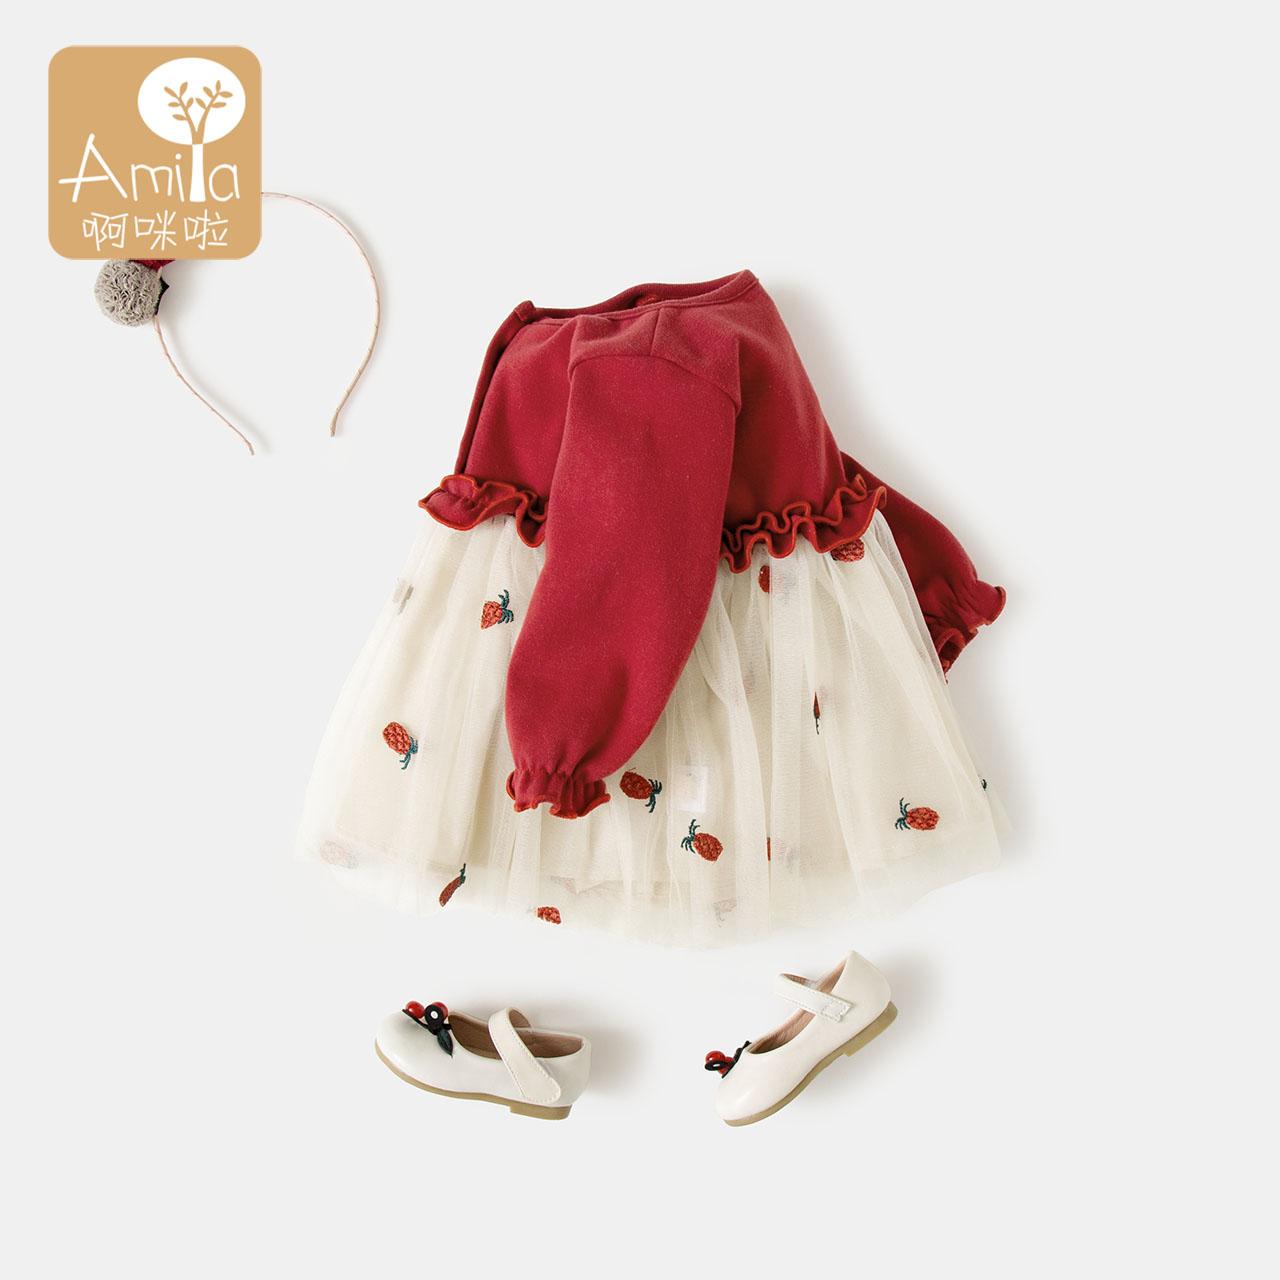 Детские Юбка осеннее платье женская 2018 новая коллекция 1-3-летний ребенок для маленькой принцессы Юбка юбка 2 на младенца осень длинный рукав платье